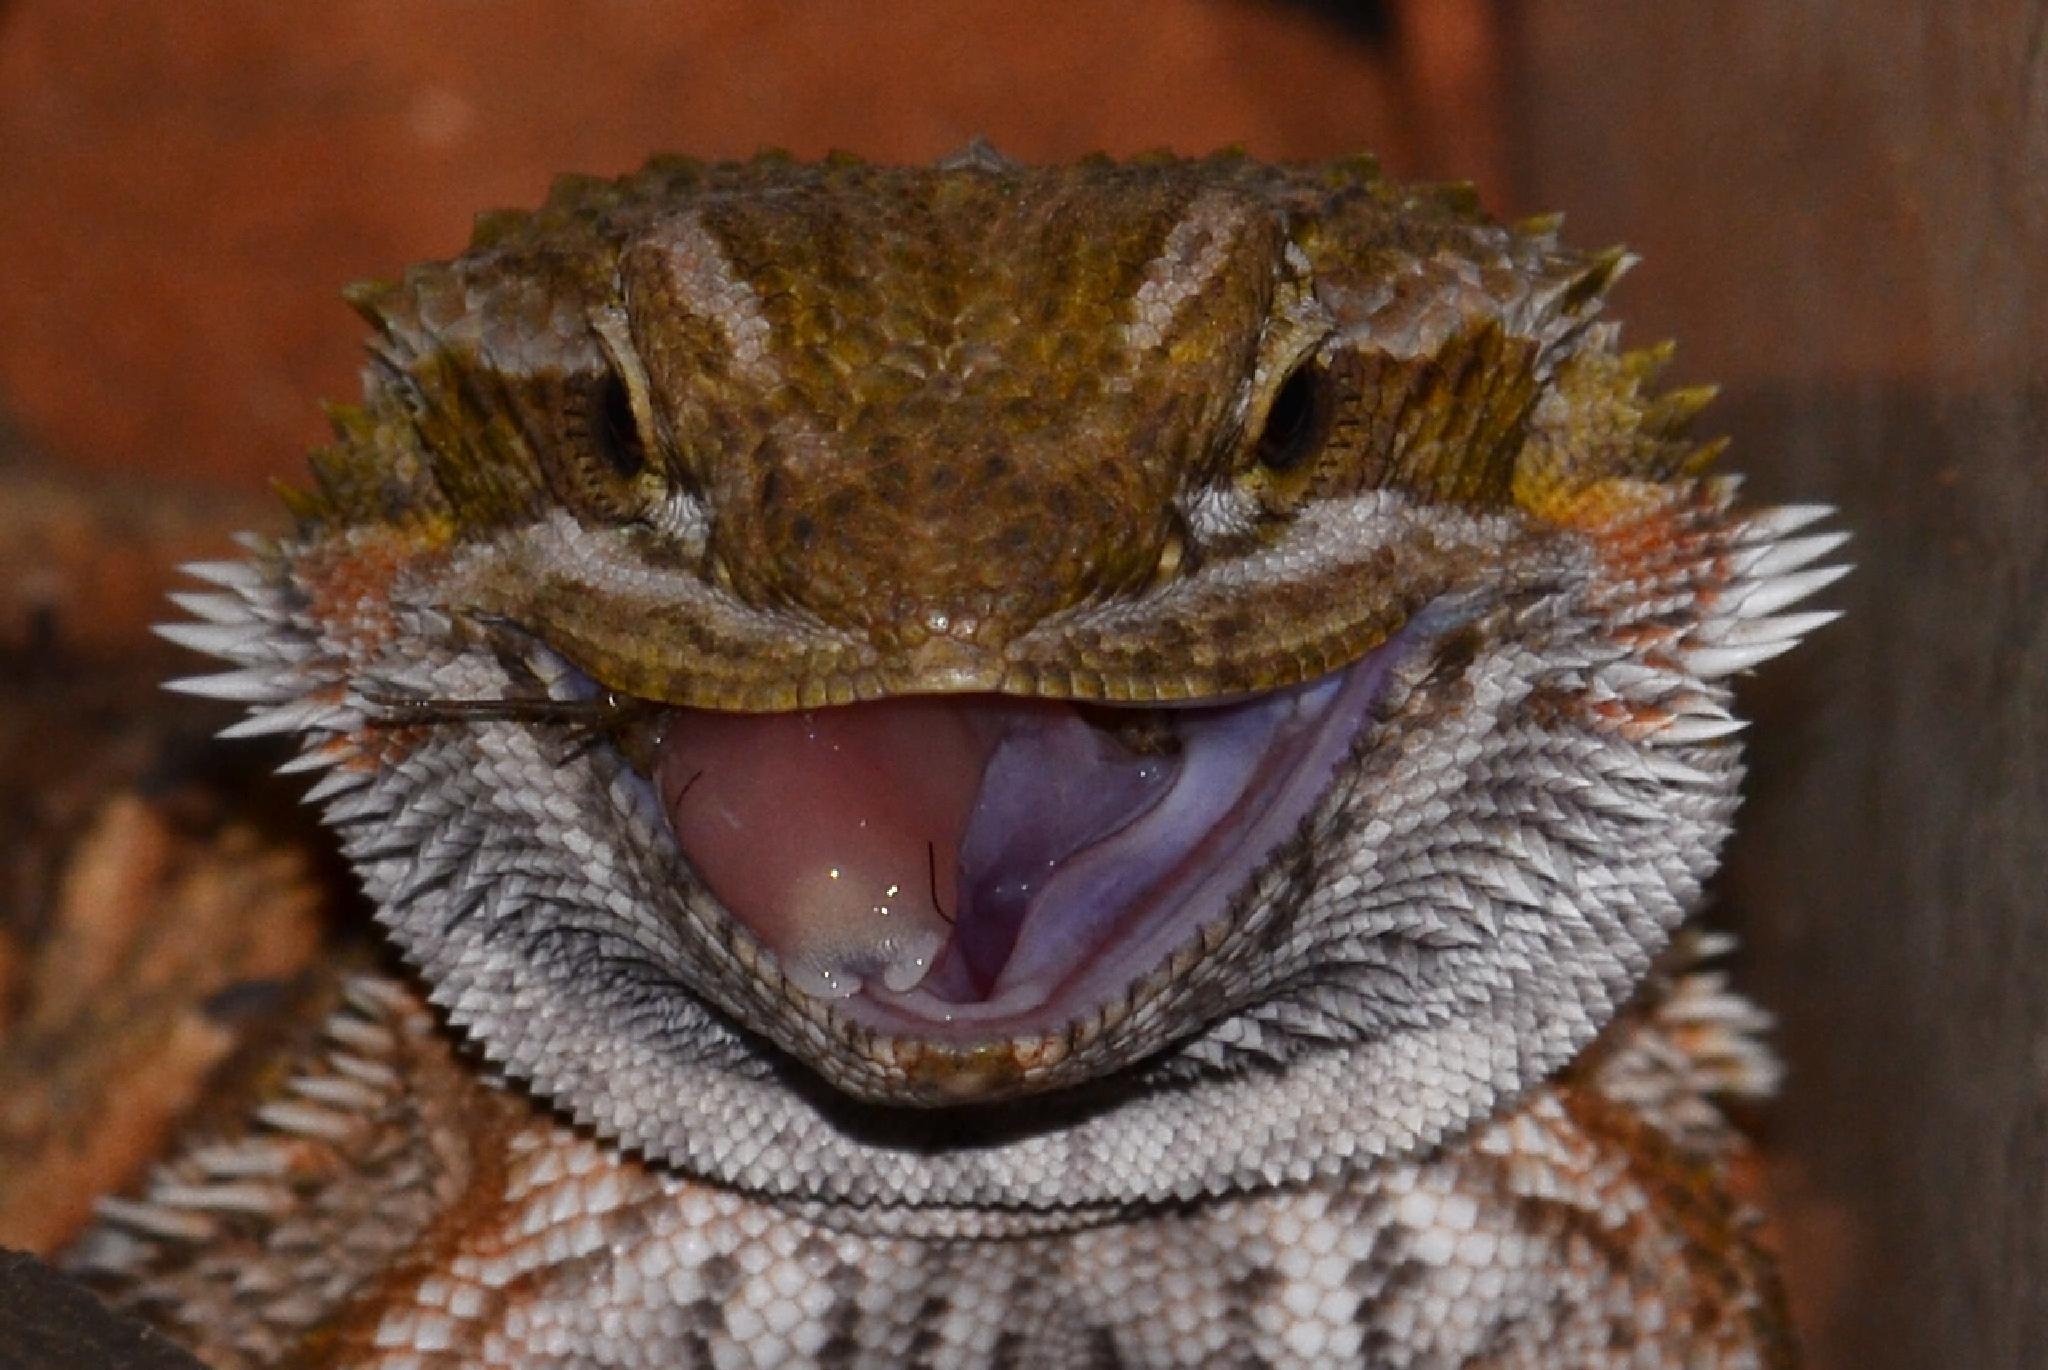 Smiling Bearded Dragon by Chertz